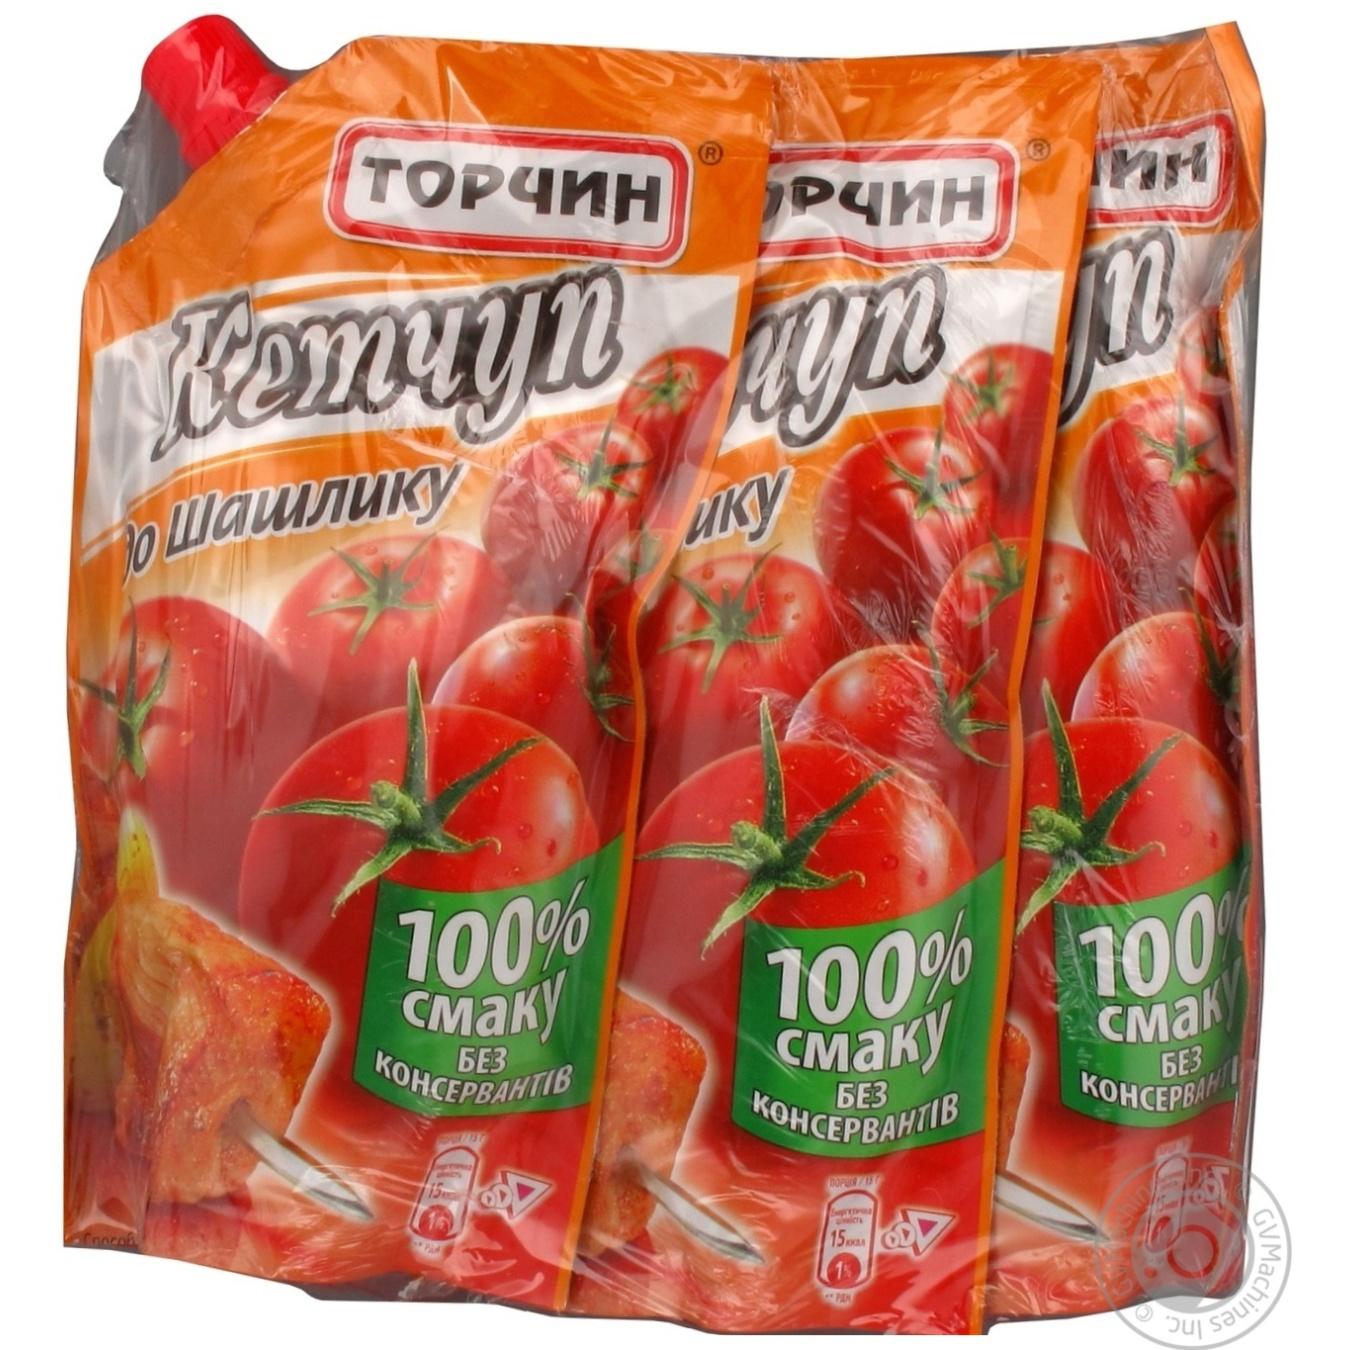 ketchup torchin for kebab to the shashlick g doypack ukraine ketchup torchin for kebab to the shashlick 900g doypack ukraine